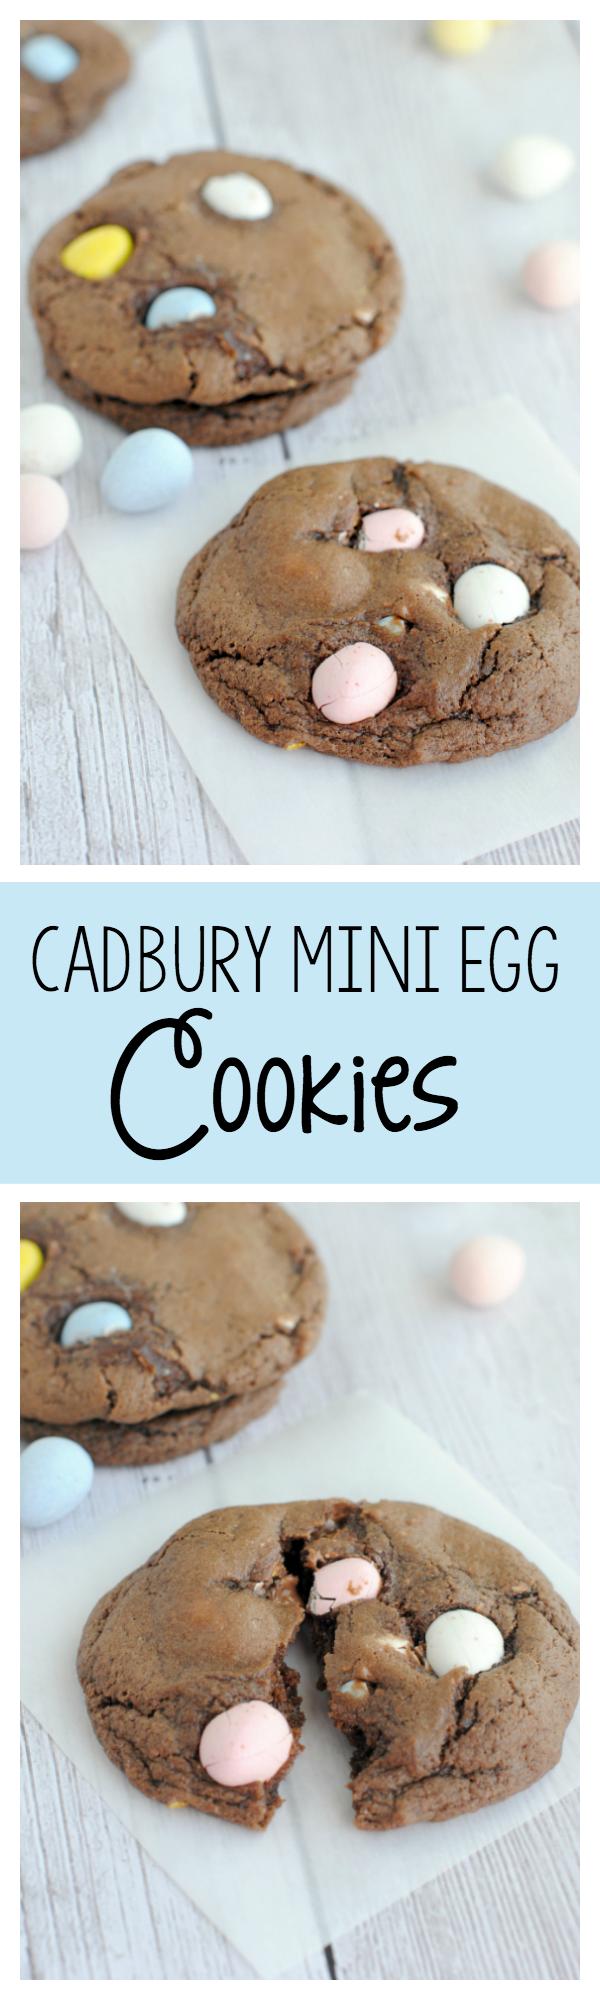 YUM! Cadbury Mini Egg Cookies!